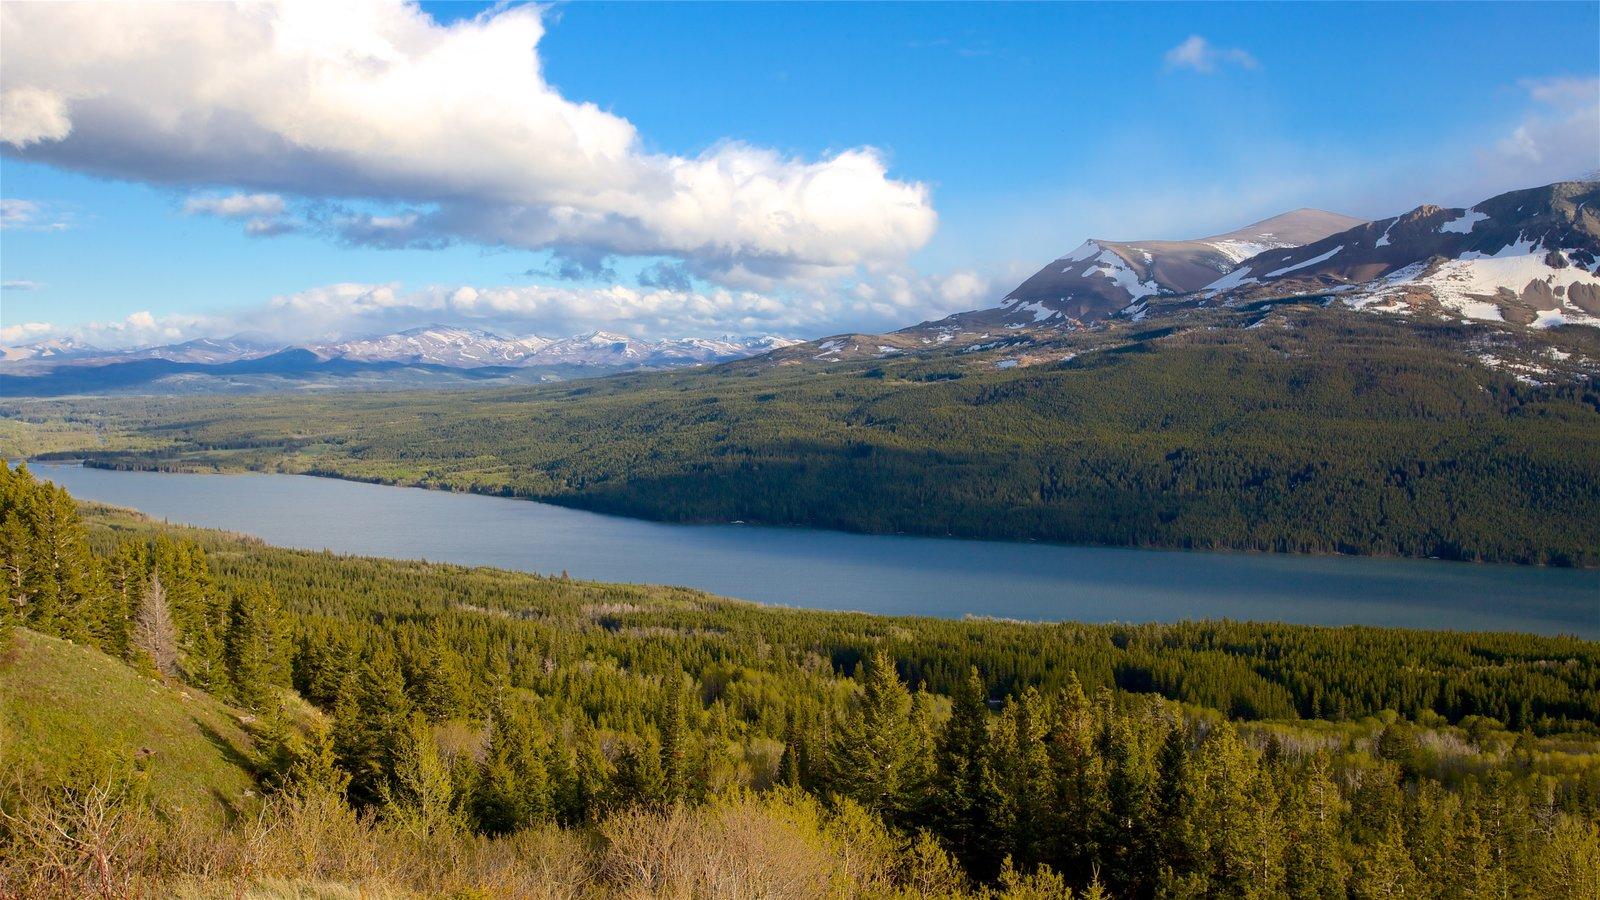 Parque Nacional de los Glaciares ofreciendo un río o arroyo, montañas y vistas de paisajes